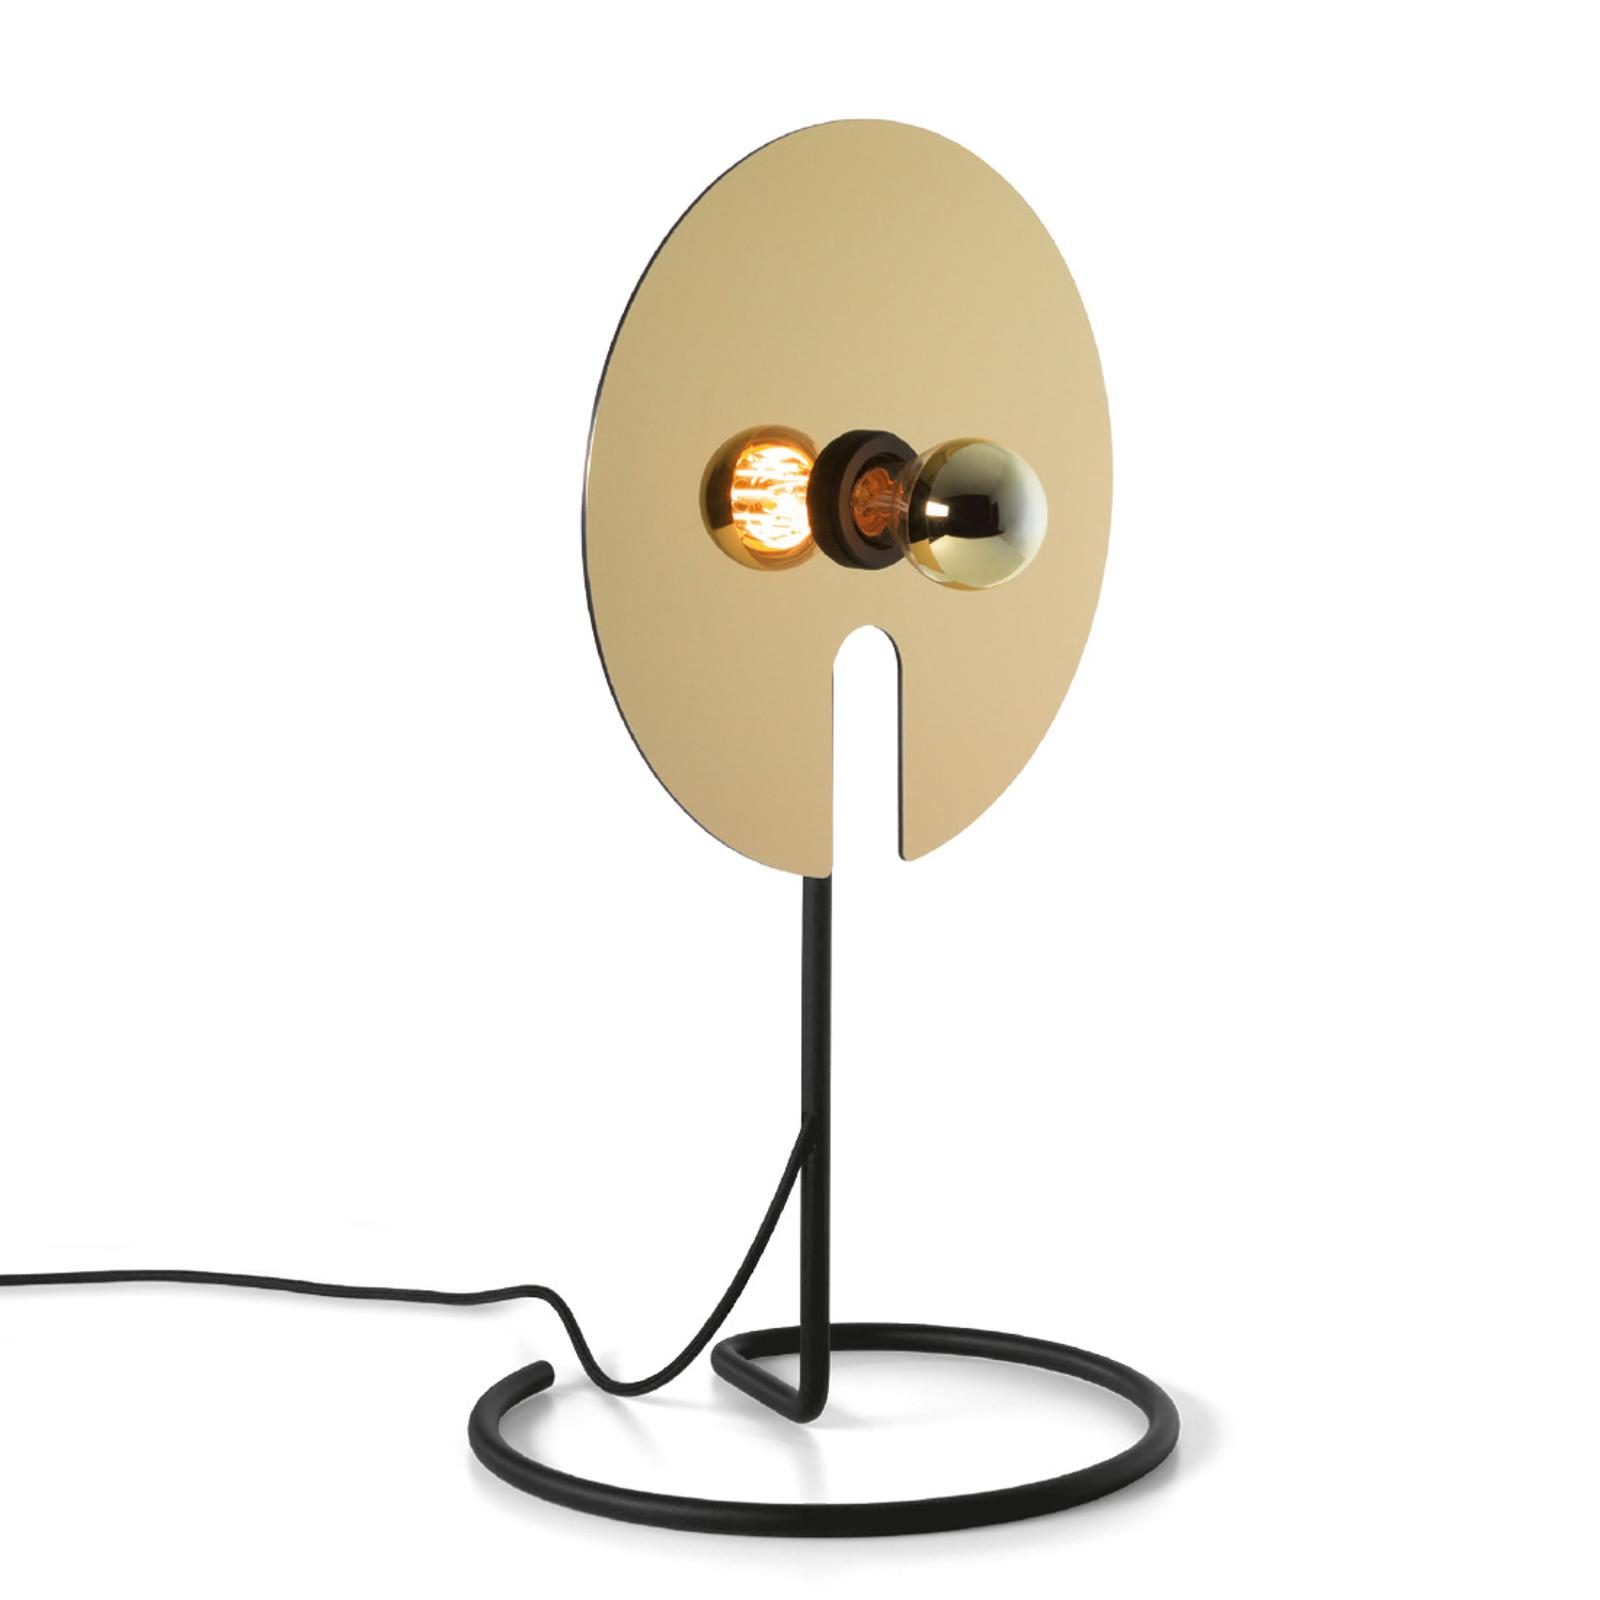 WEVER & DUCRÉ Mirro Tischlampe 1.0 schwarz/gold